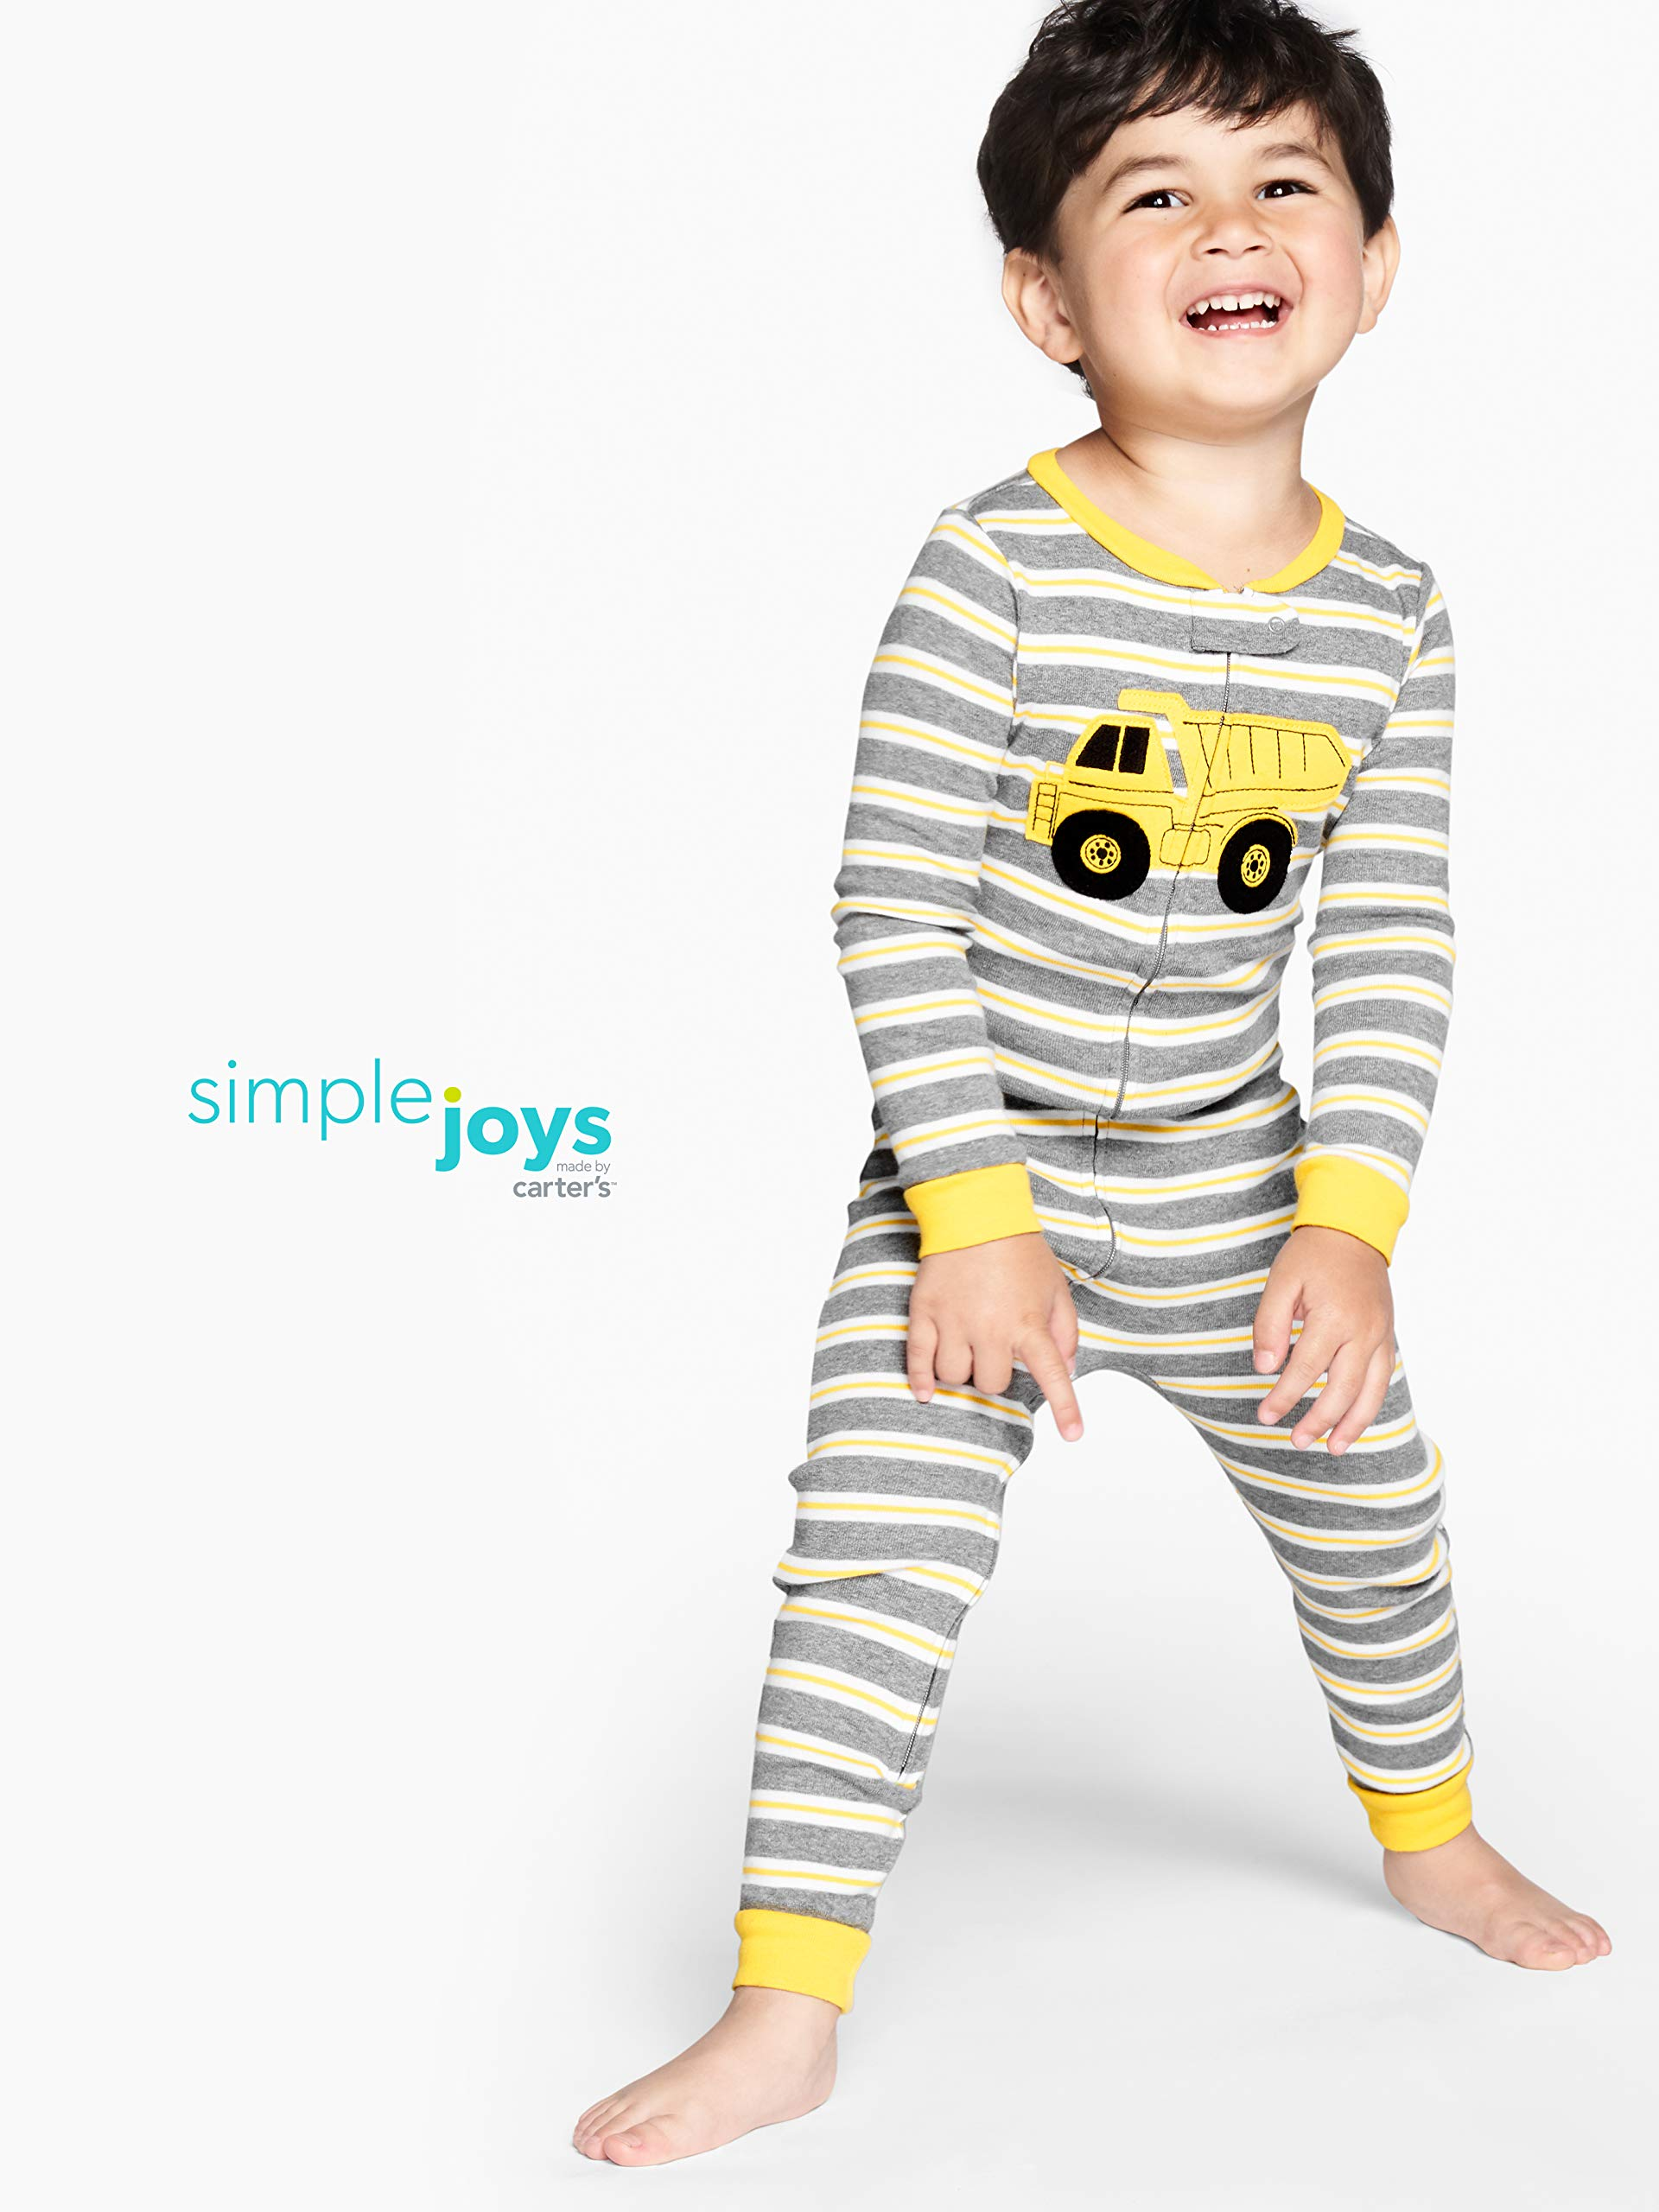 Simple Joys by Carter's pijama de algodón sin pies para bebés y niños pequeños, paquete de 3 2